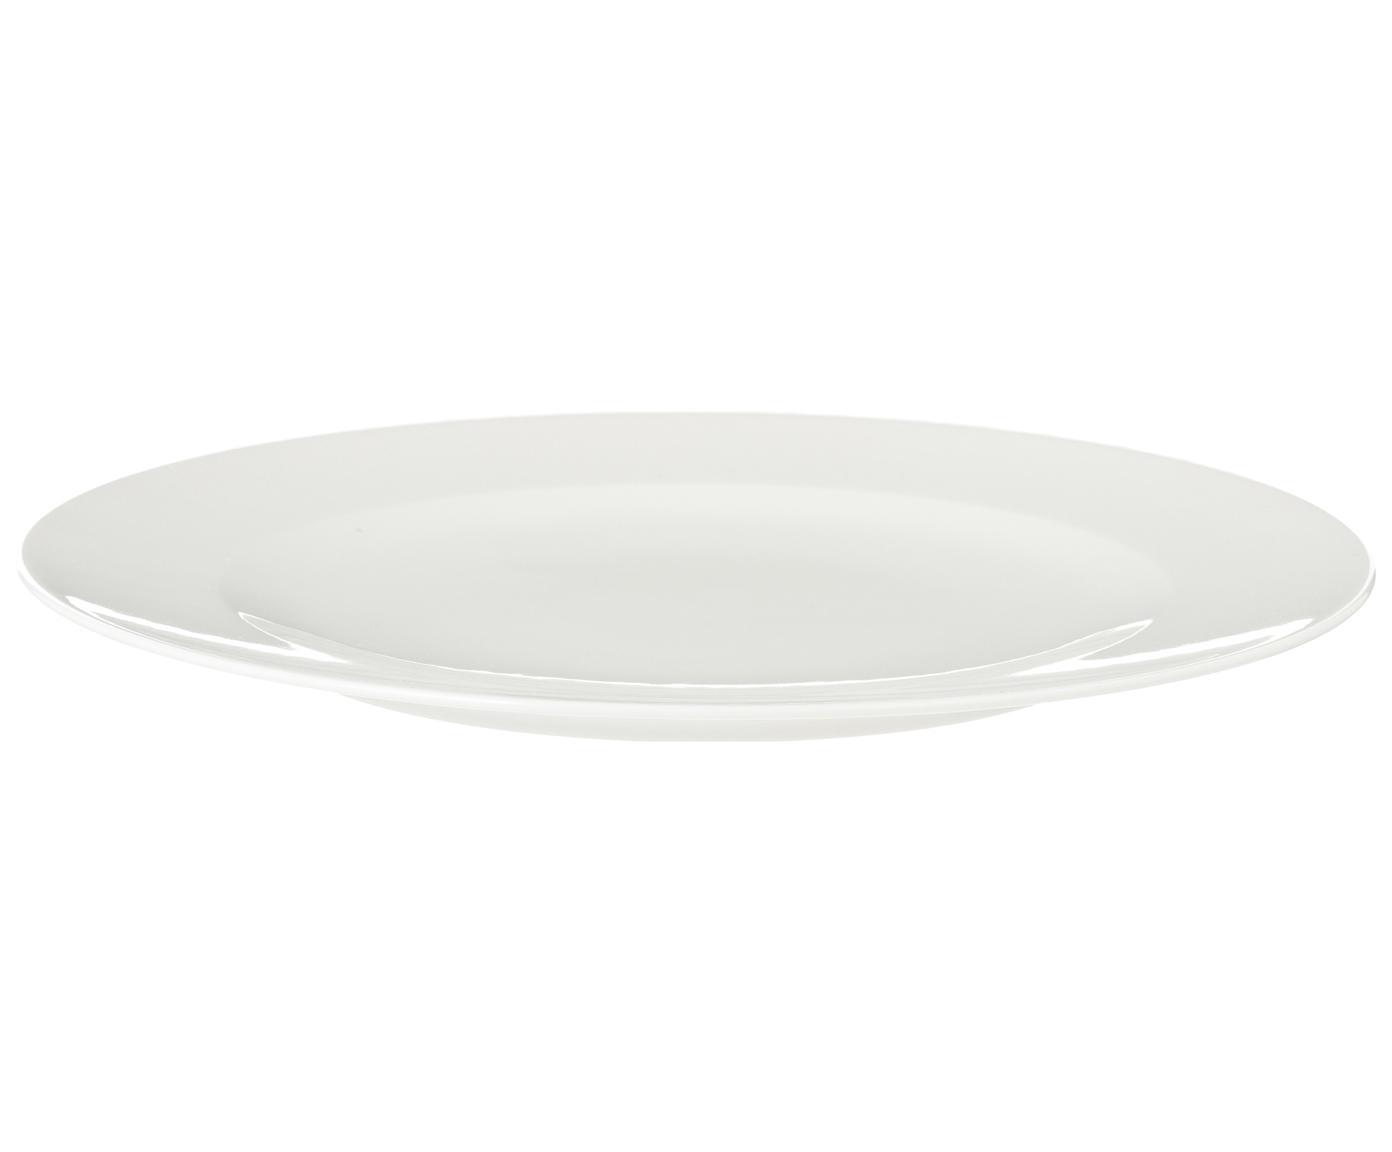 Komplet naczyń  For Me, 8 elem., Porcelana, Biały, Różne rozmiary